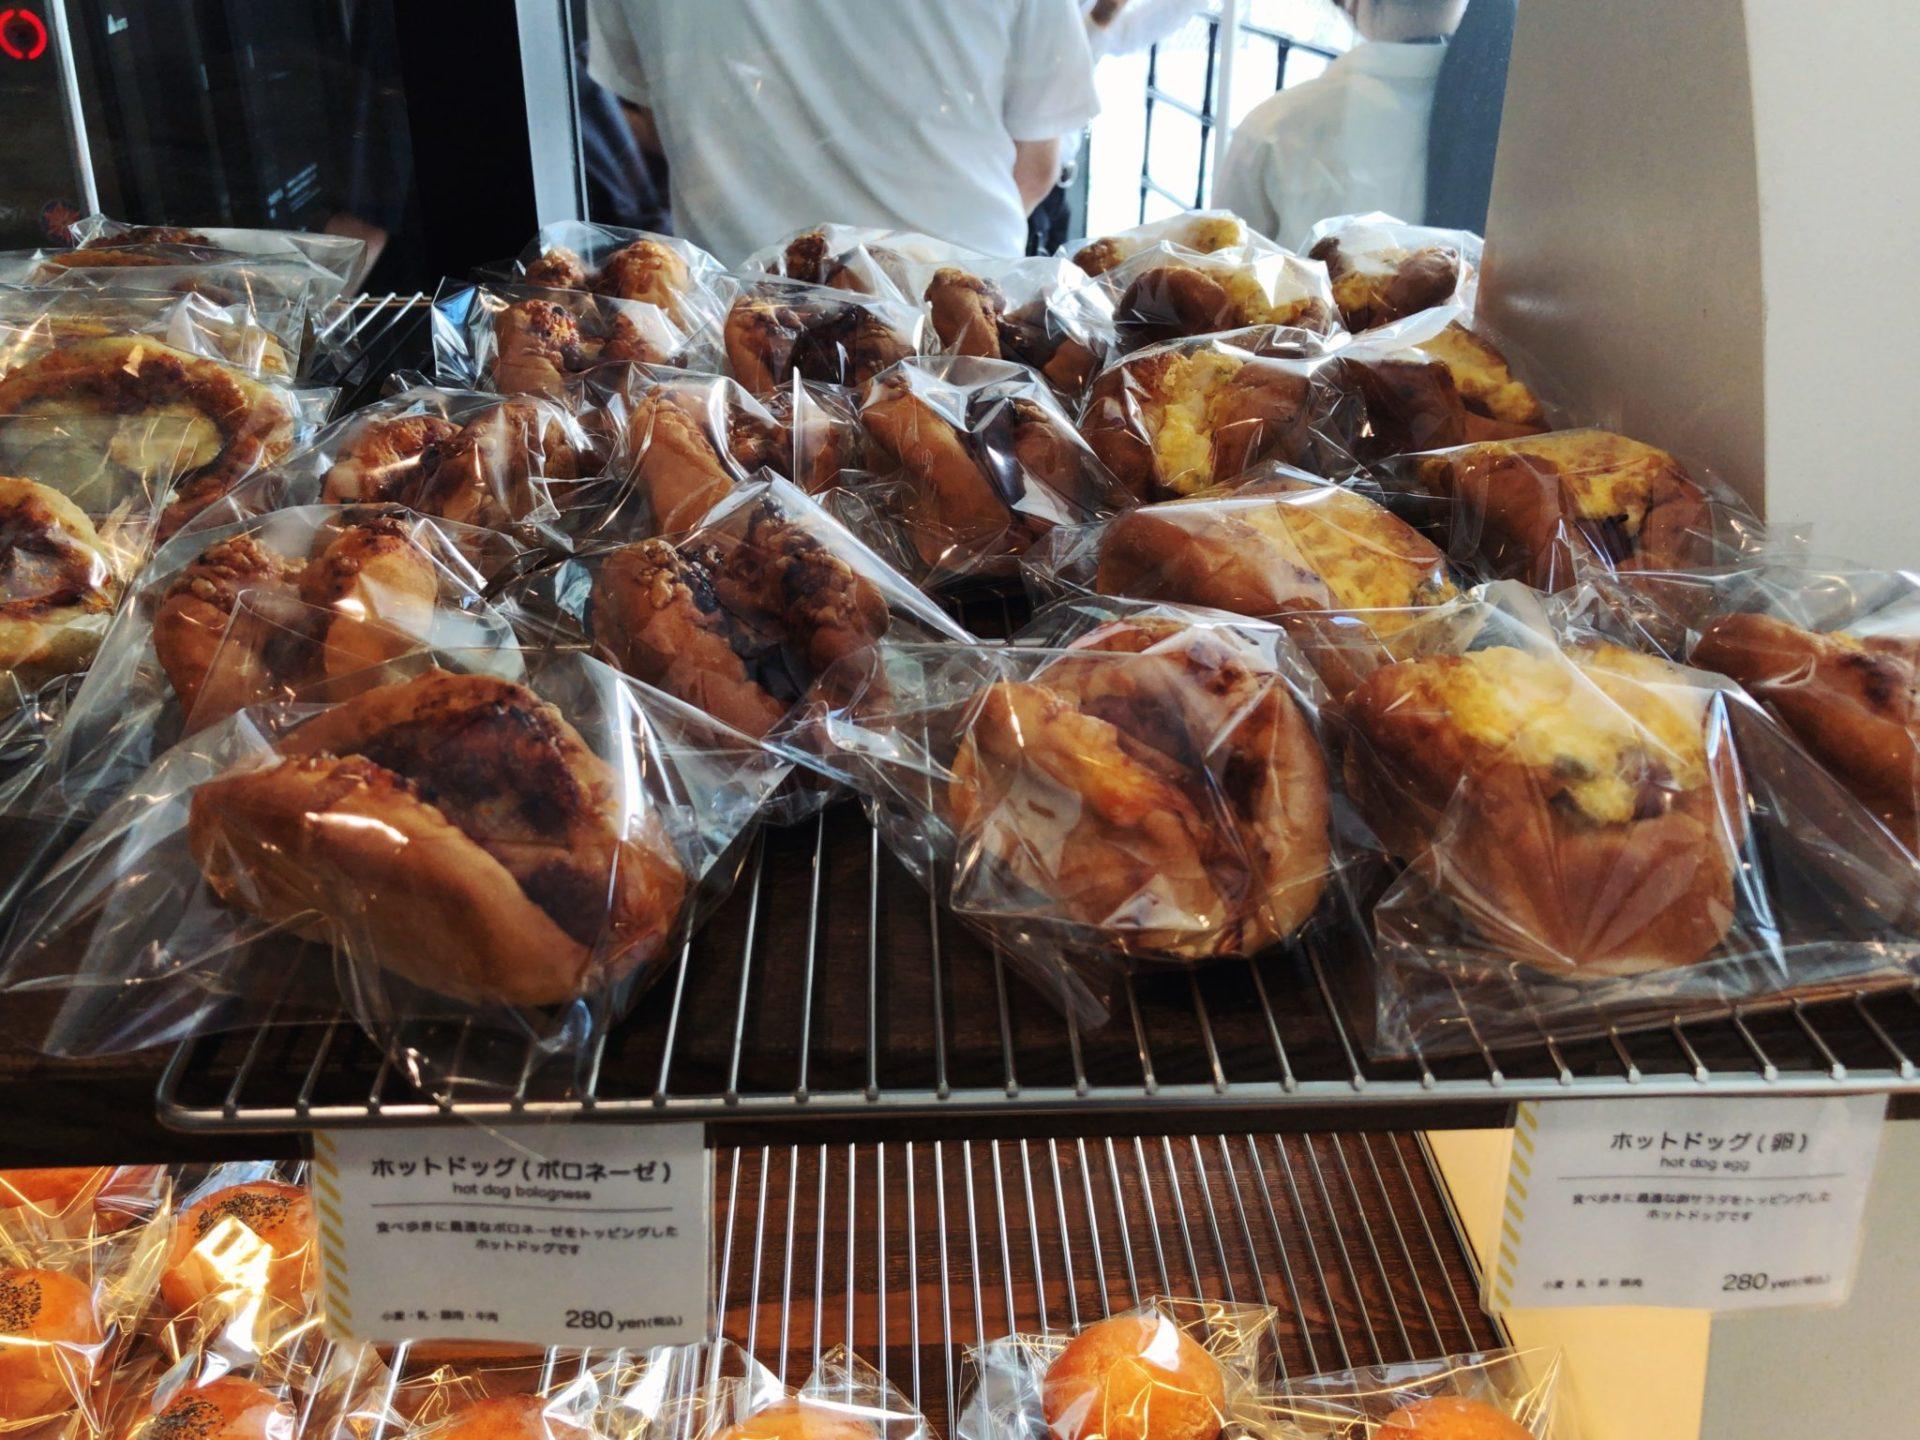 パンとエスプレッソとまちあわせのホットドッグ